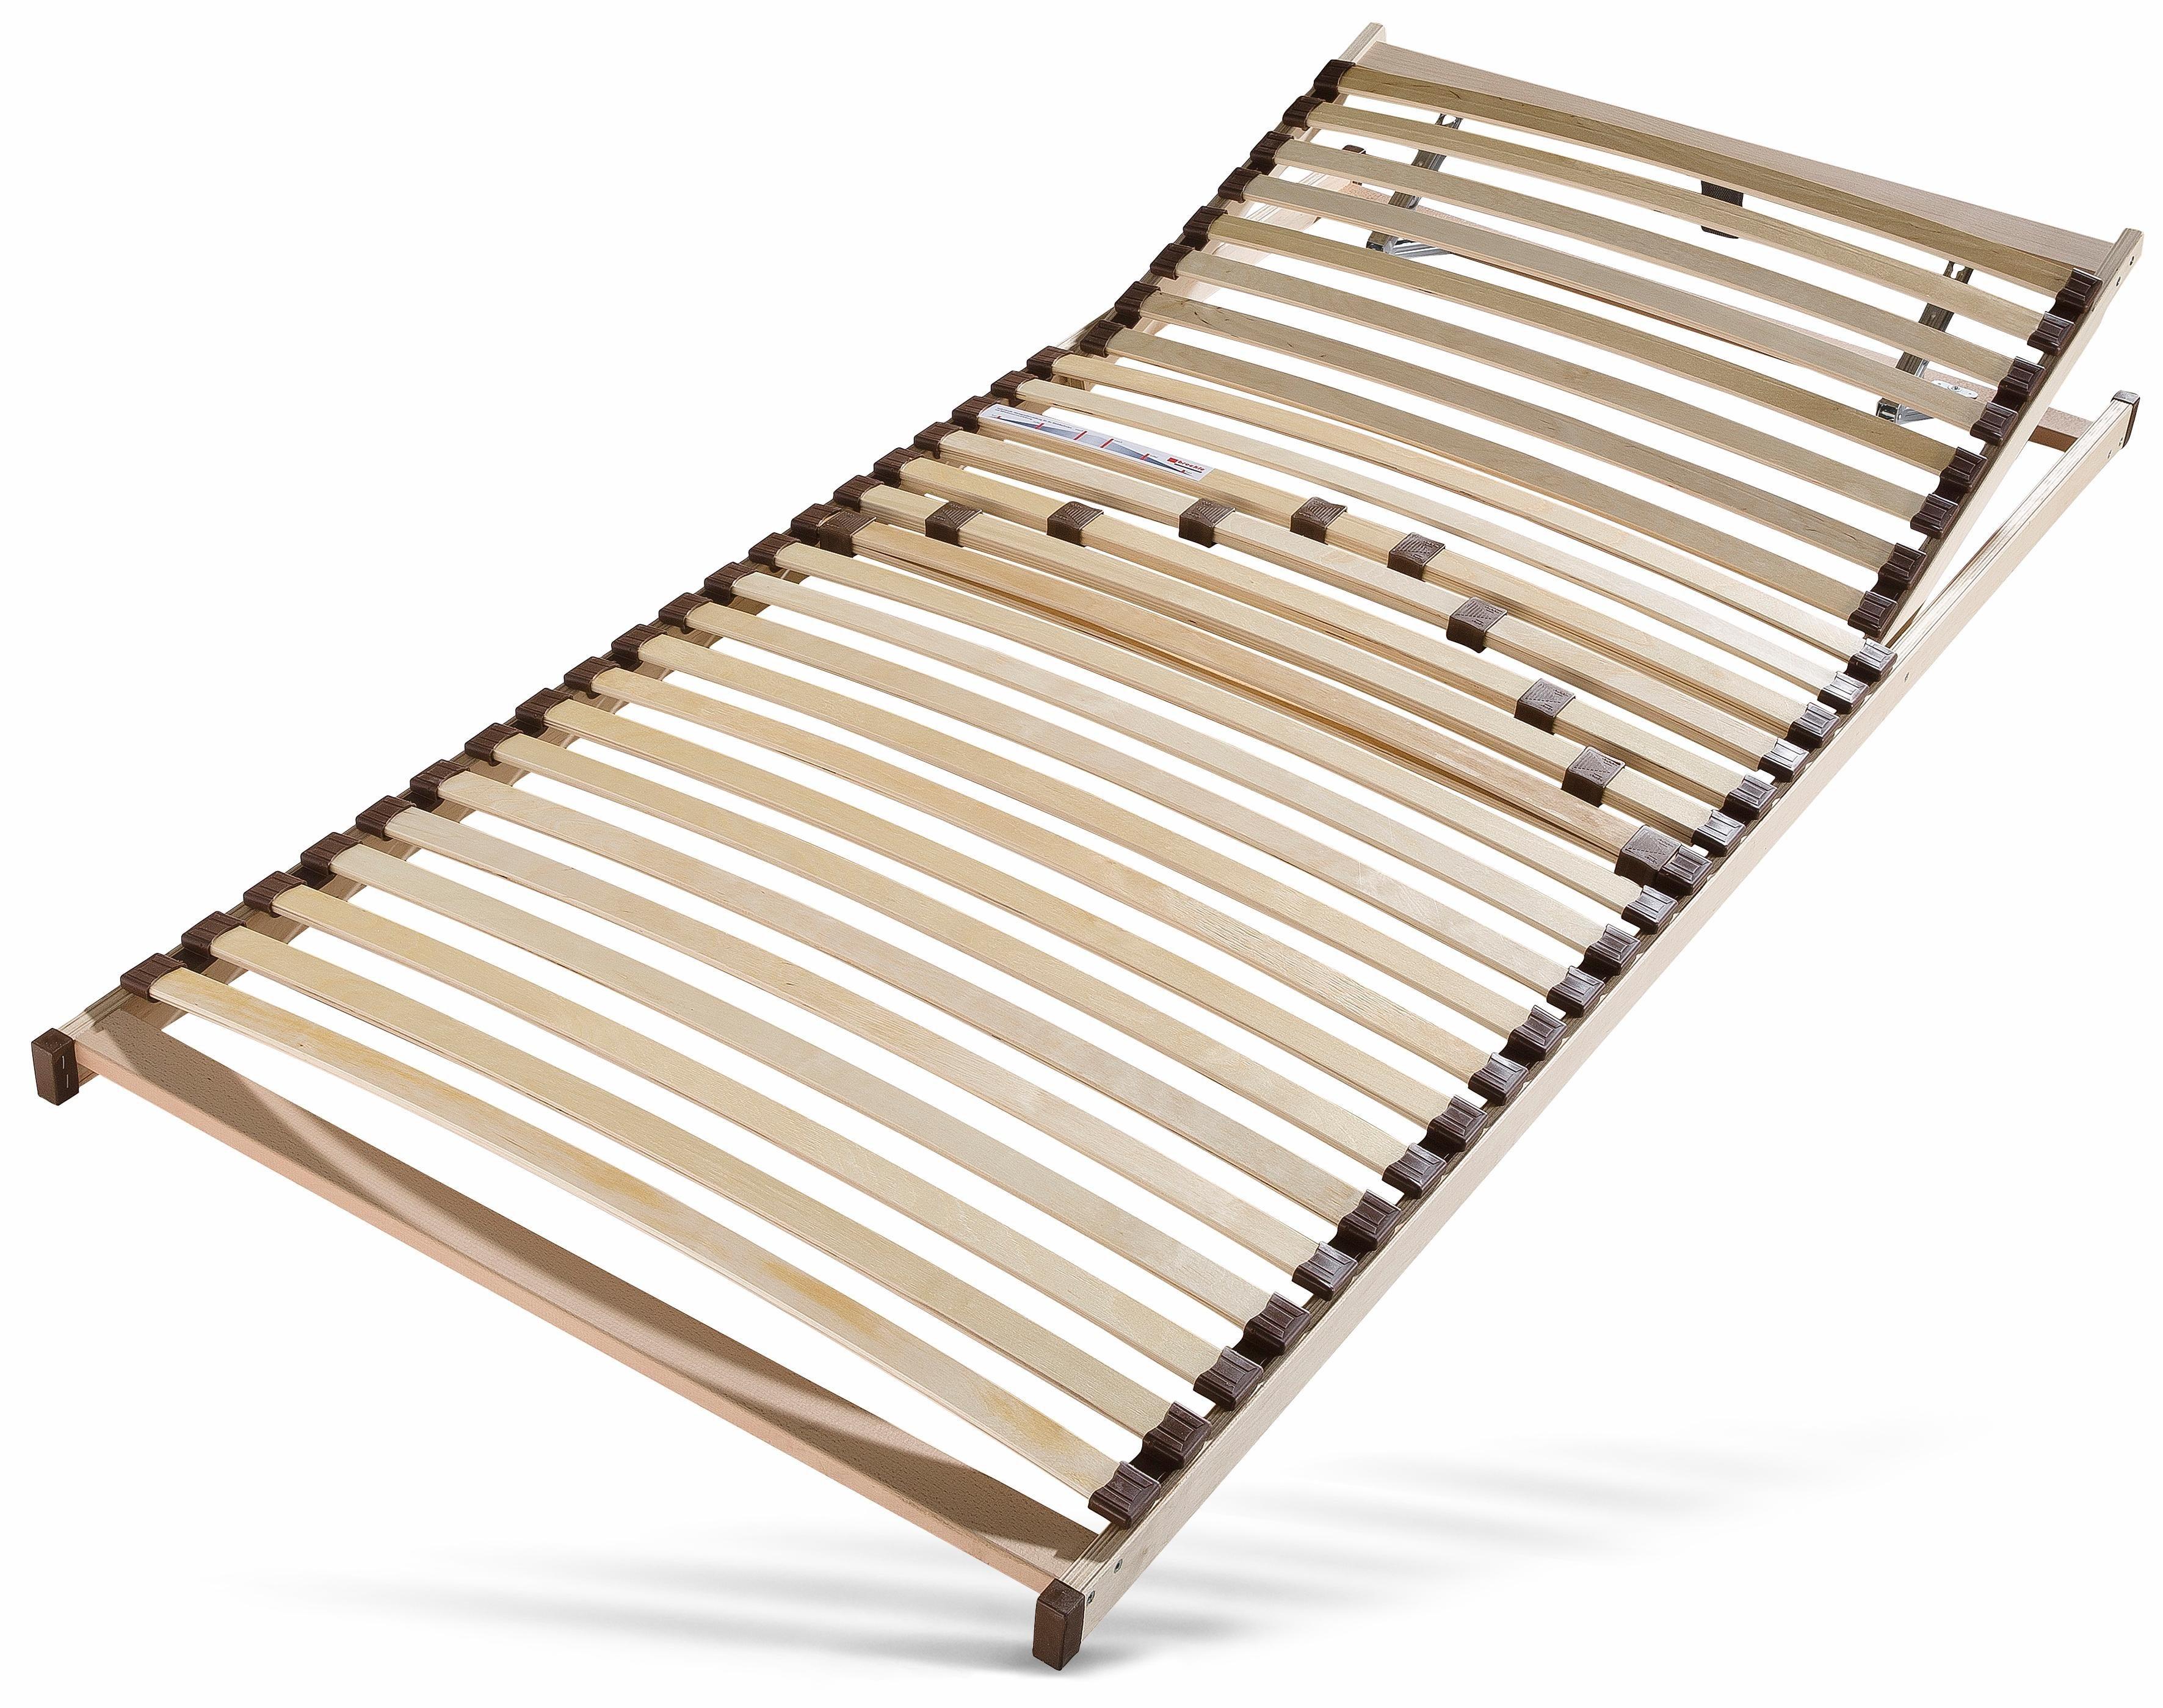 lattenrost 140x200 preisvergleich die besten angebote online kaufen. Black Bedroom Furniture Sets. Home Design Ideas